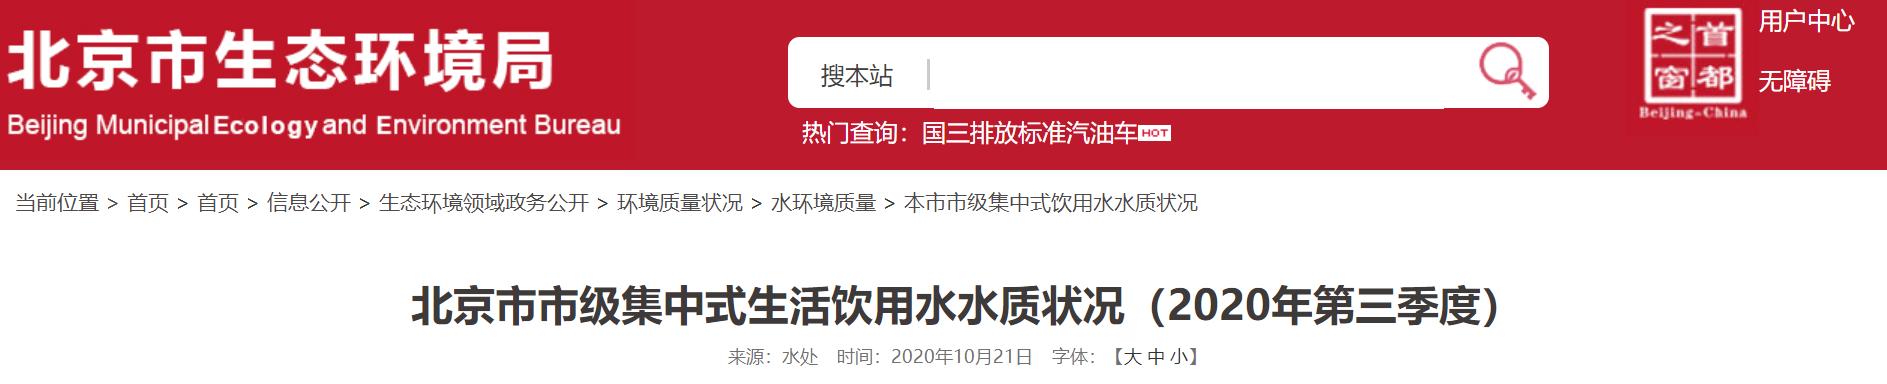 北京:今年三季度,自来水厂出厂水水质全部合格